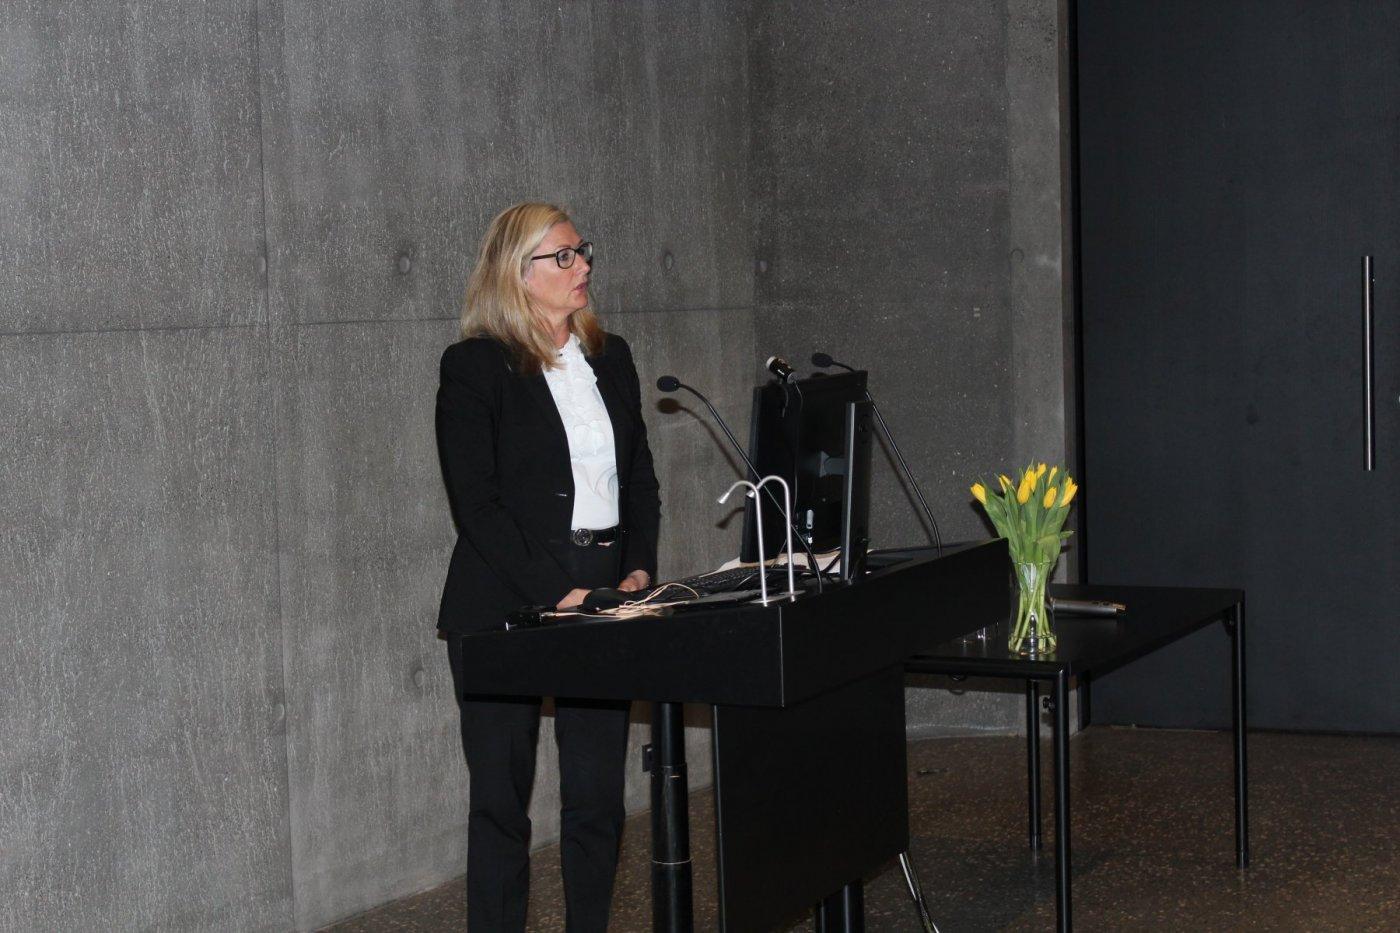 Alma Möller, nýskipaður landslæknir, flutti opnunarávarp á þingi Heilbrigðisvísindasviðs þann 16. apríl 2018.